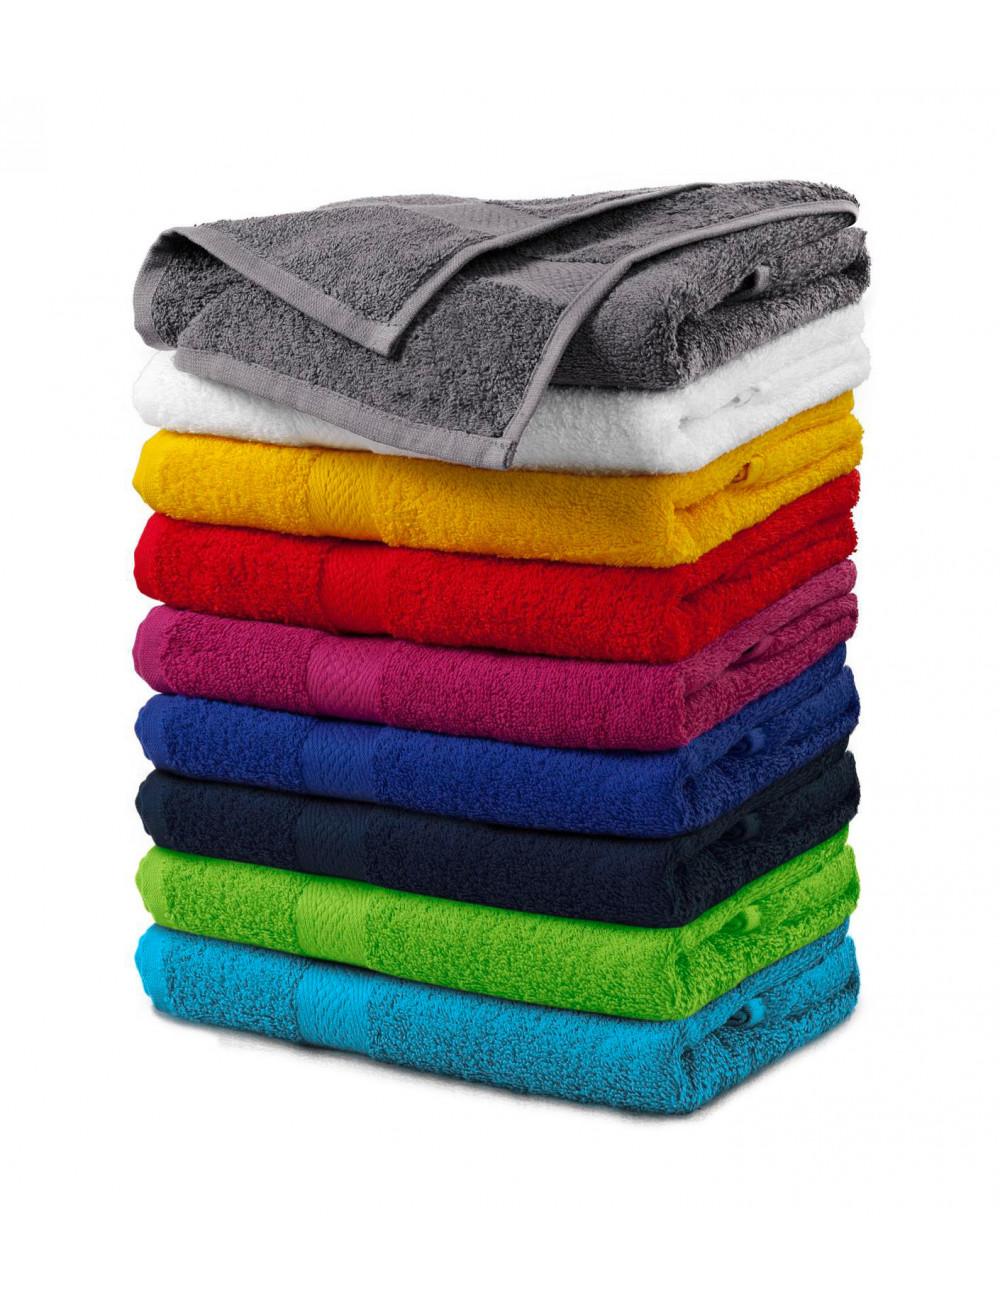 Adler MALFINI Ręcznik unisex Terry Towel 903 chabrowy